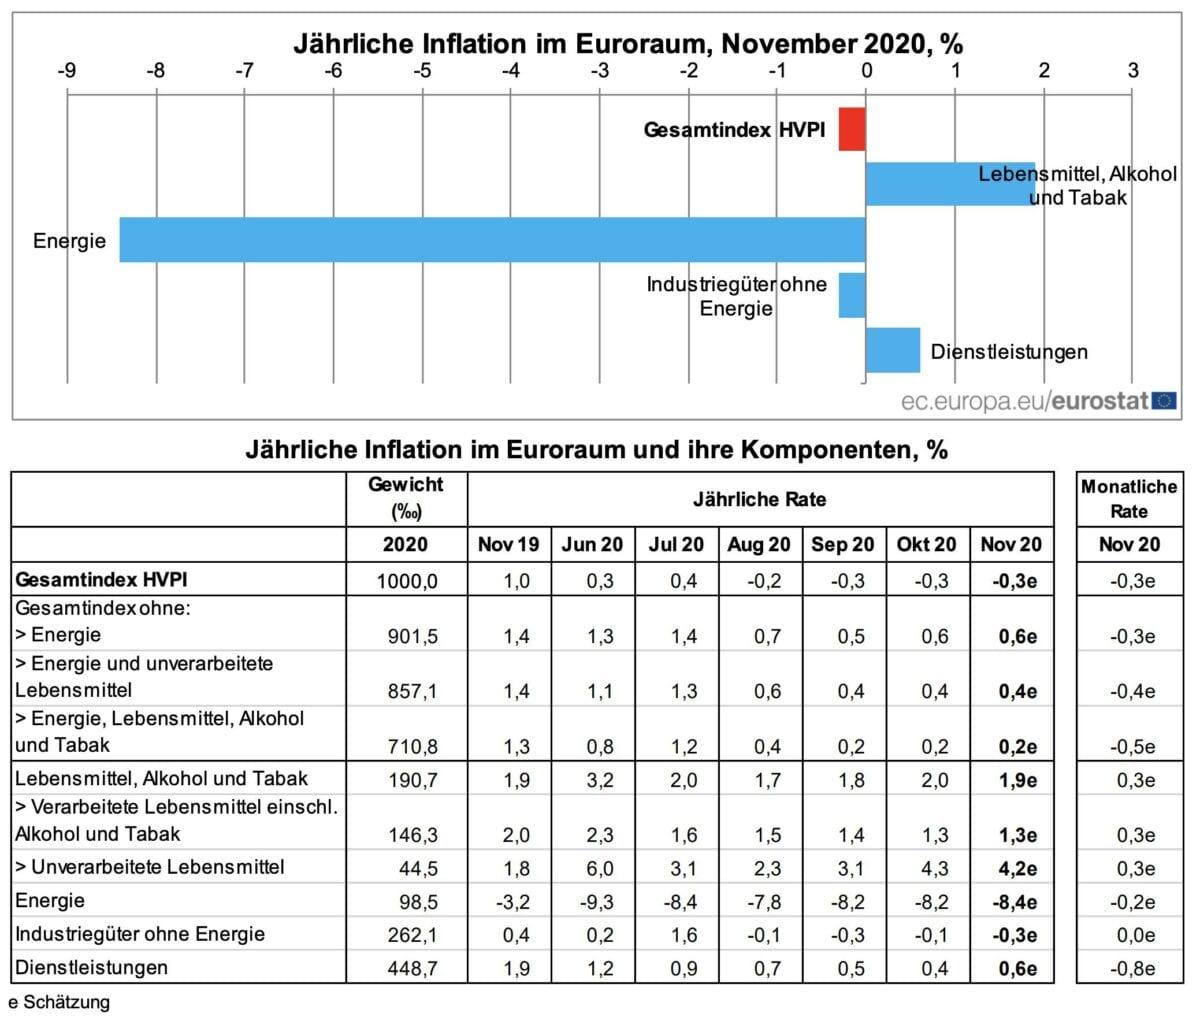 Datenblatt zeigt aktuelle Verbraucherpreise in der Eurozone